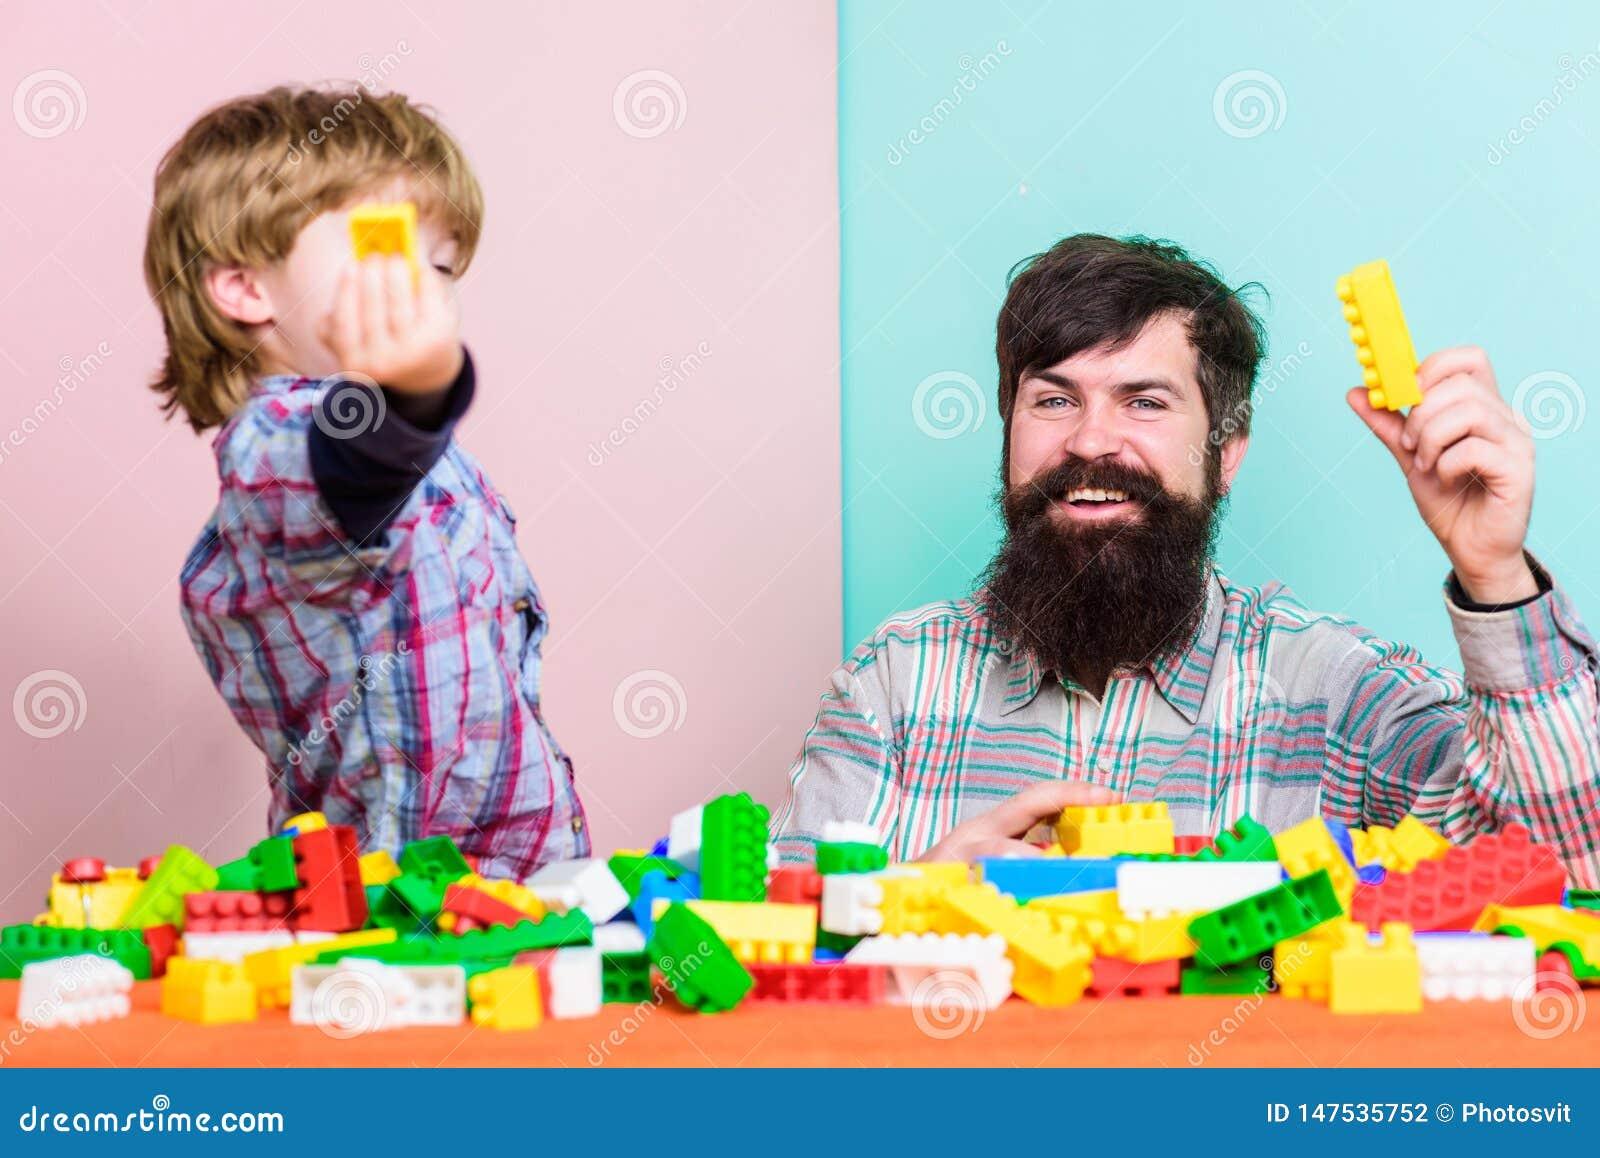 Ojciec i syn tworzymy budowy Brodata m??czyzny i syna sztuka wp?lnie Ka?dy syn i tata musimy robi? wp?lnie Tata i dzieciak